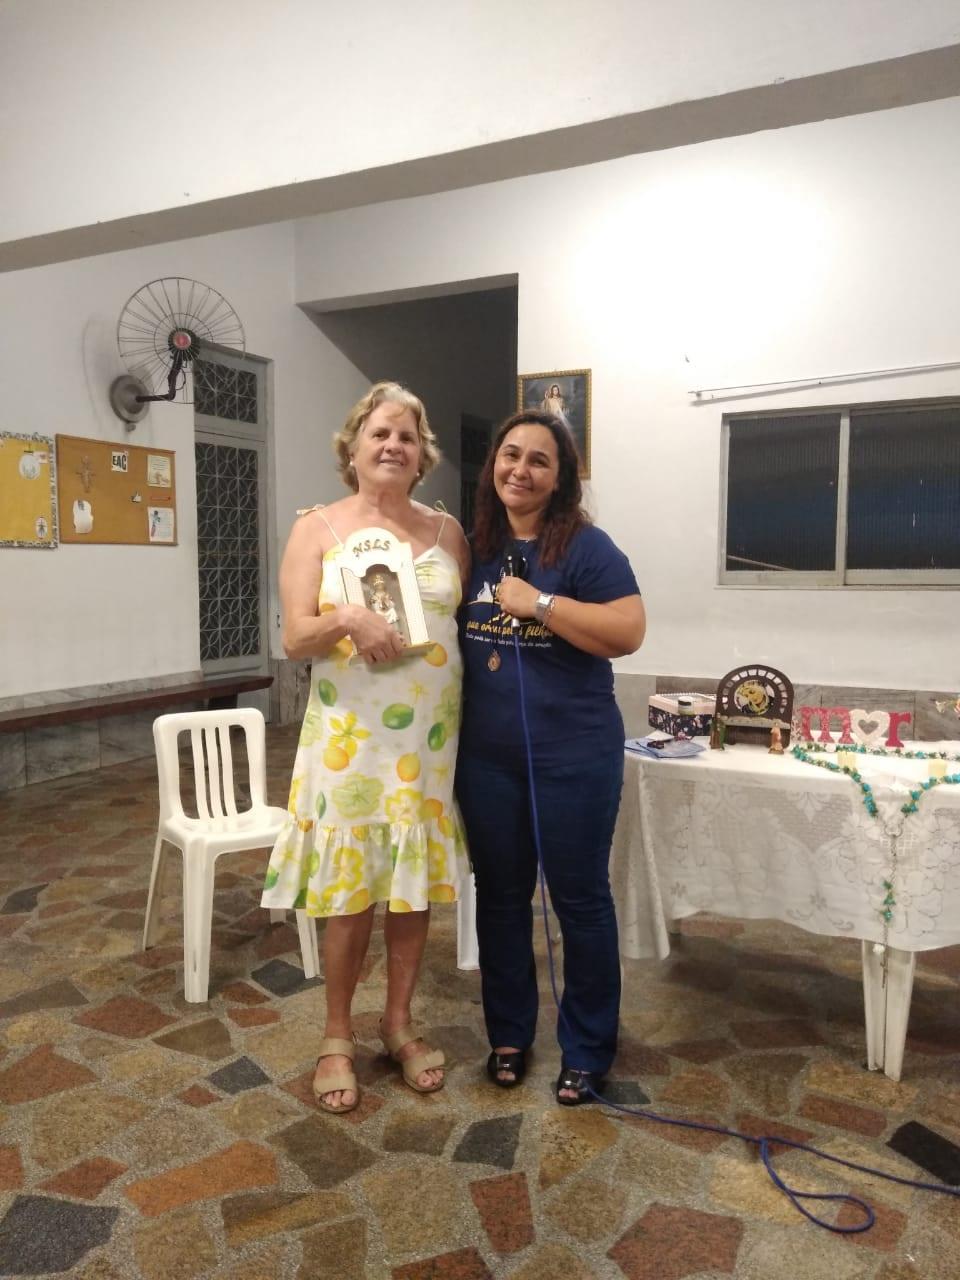 GRUPO DE MÃES DO SANTUÁRIO DA DIVINA MISERICÓRDIA – VILA VALQUEIRE/RJ